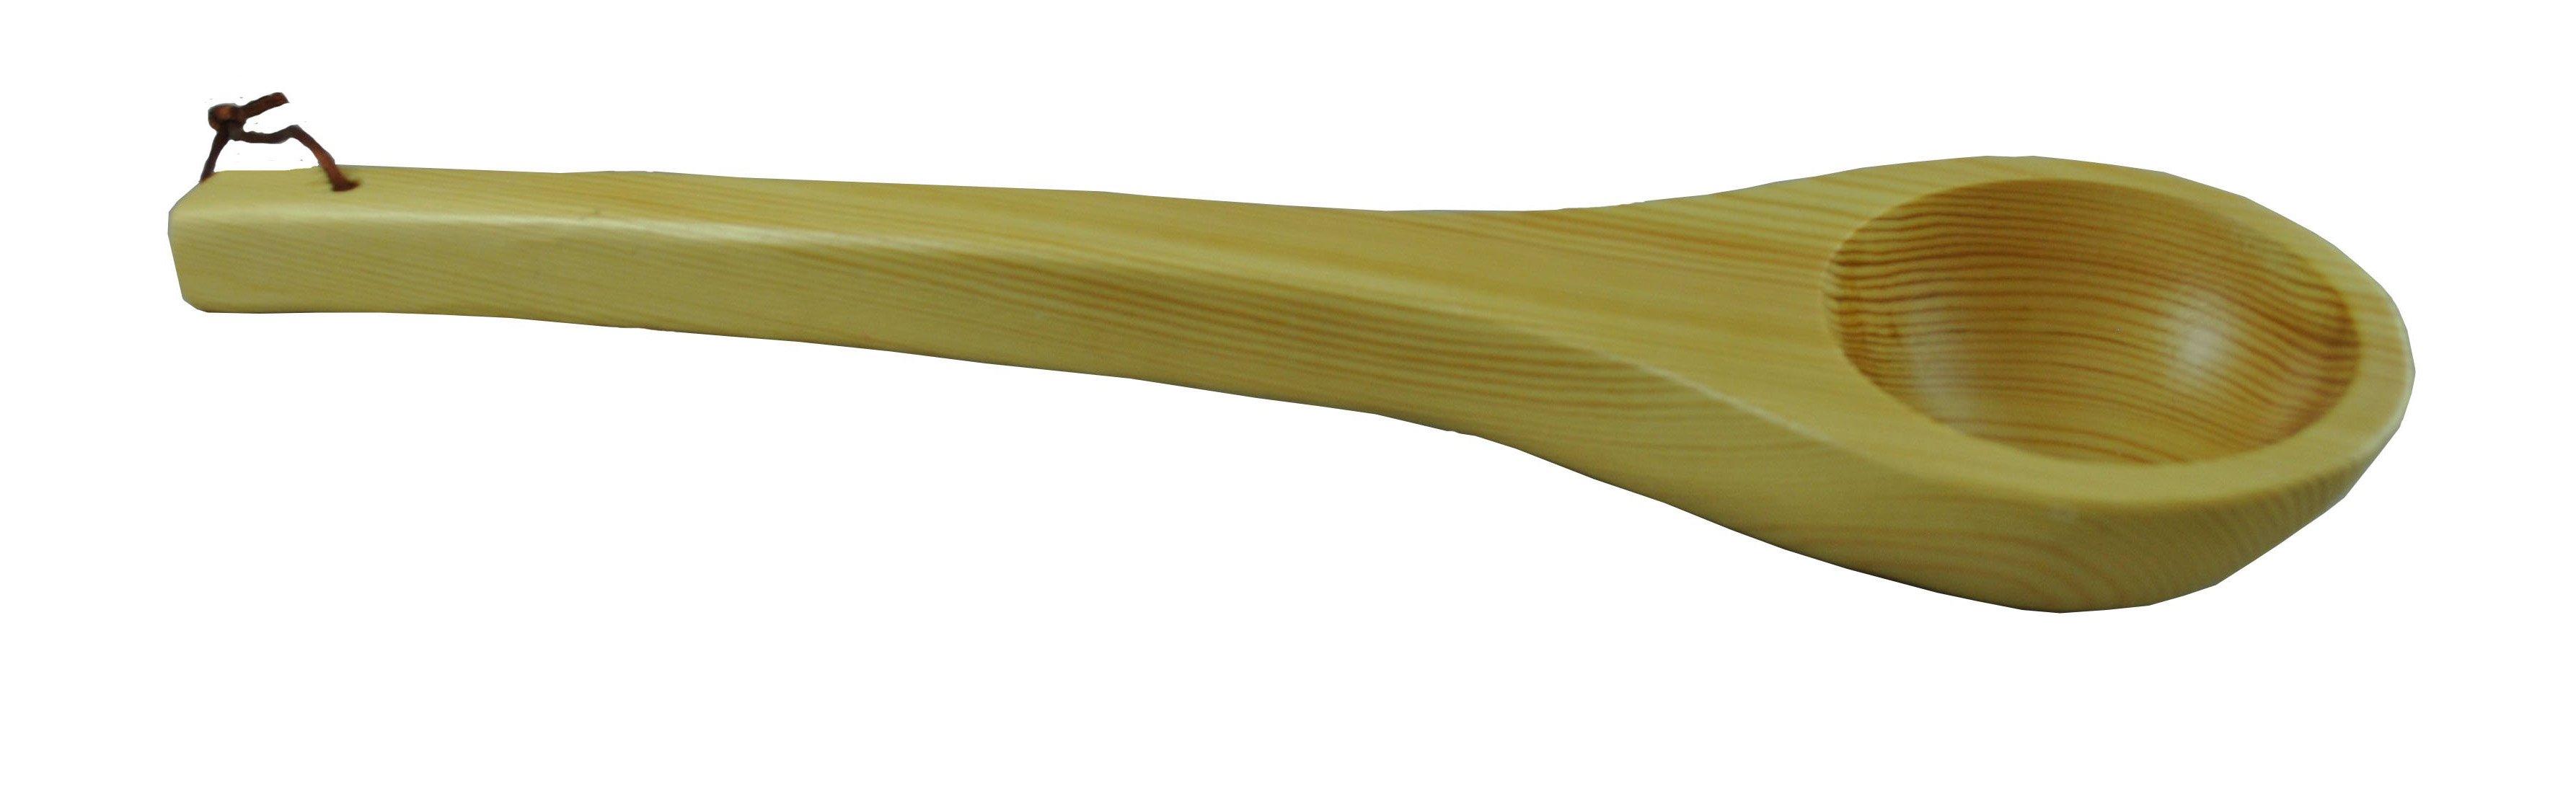 Wood Sauna Ladle 15